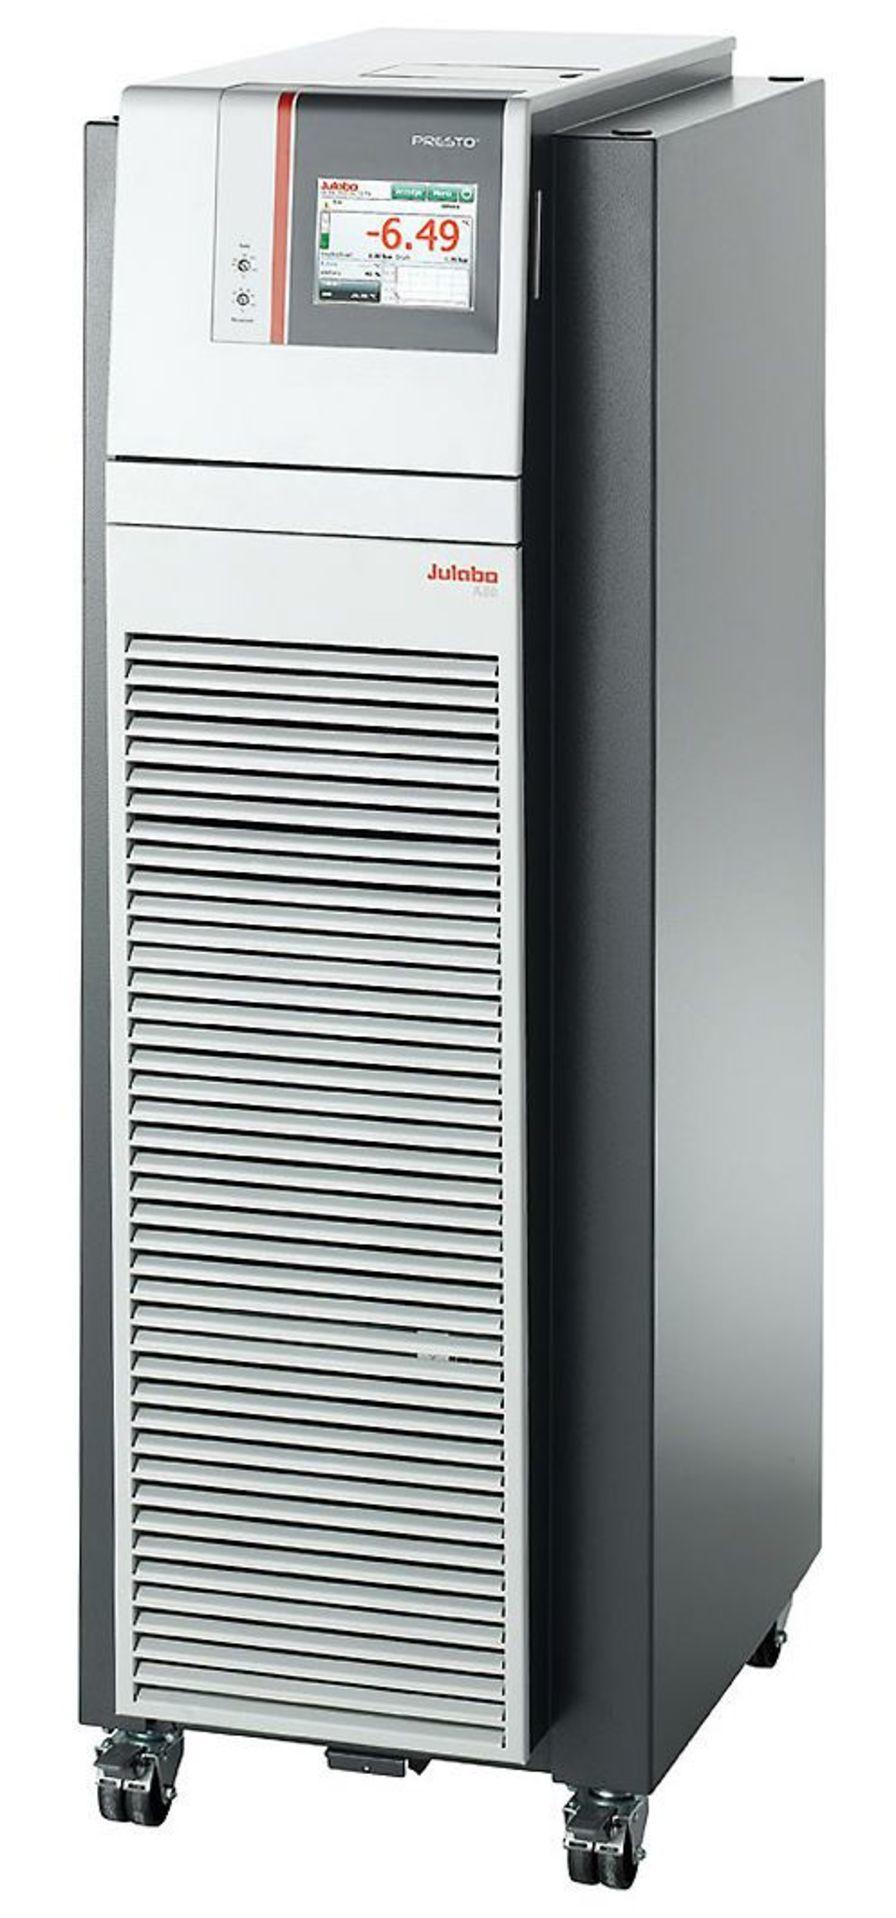 Laboratory thermostat / process -80 °C ... +250 °C | PRESTO® A80t Julabo